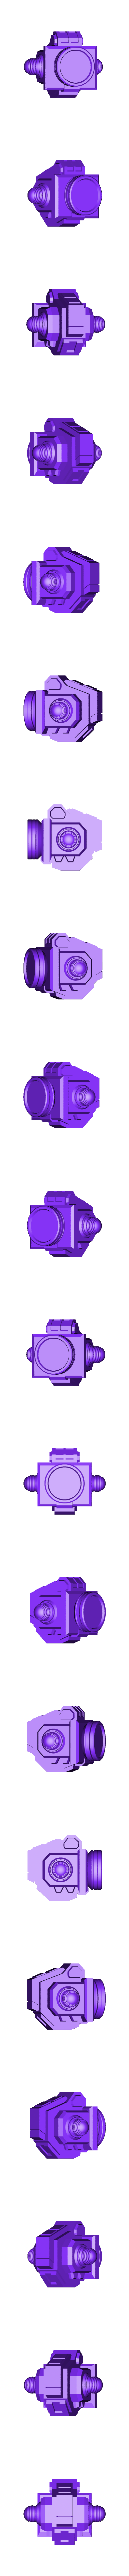 1-100th Defender Layout-HighRez-Hips.stl Télécharger fichier STL gratuit 1/100e de l'échelle Defender Mech • Design pour imprimante 3D, johnbearross